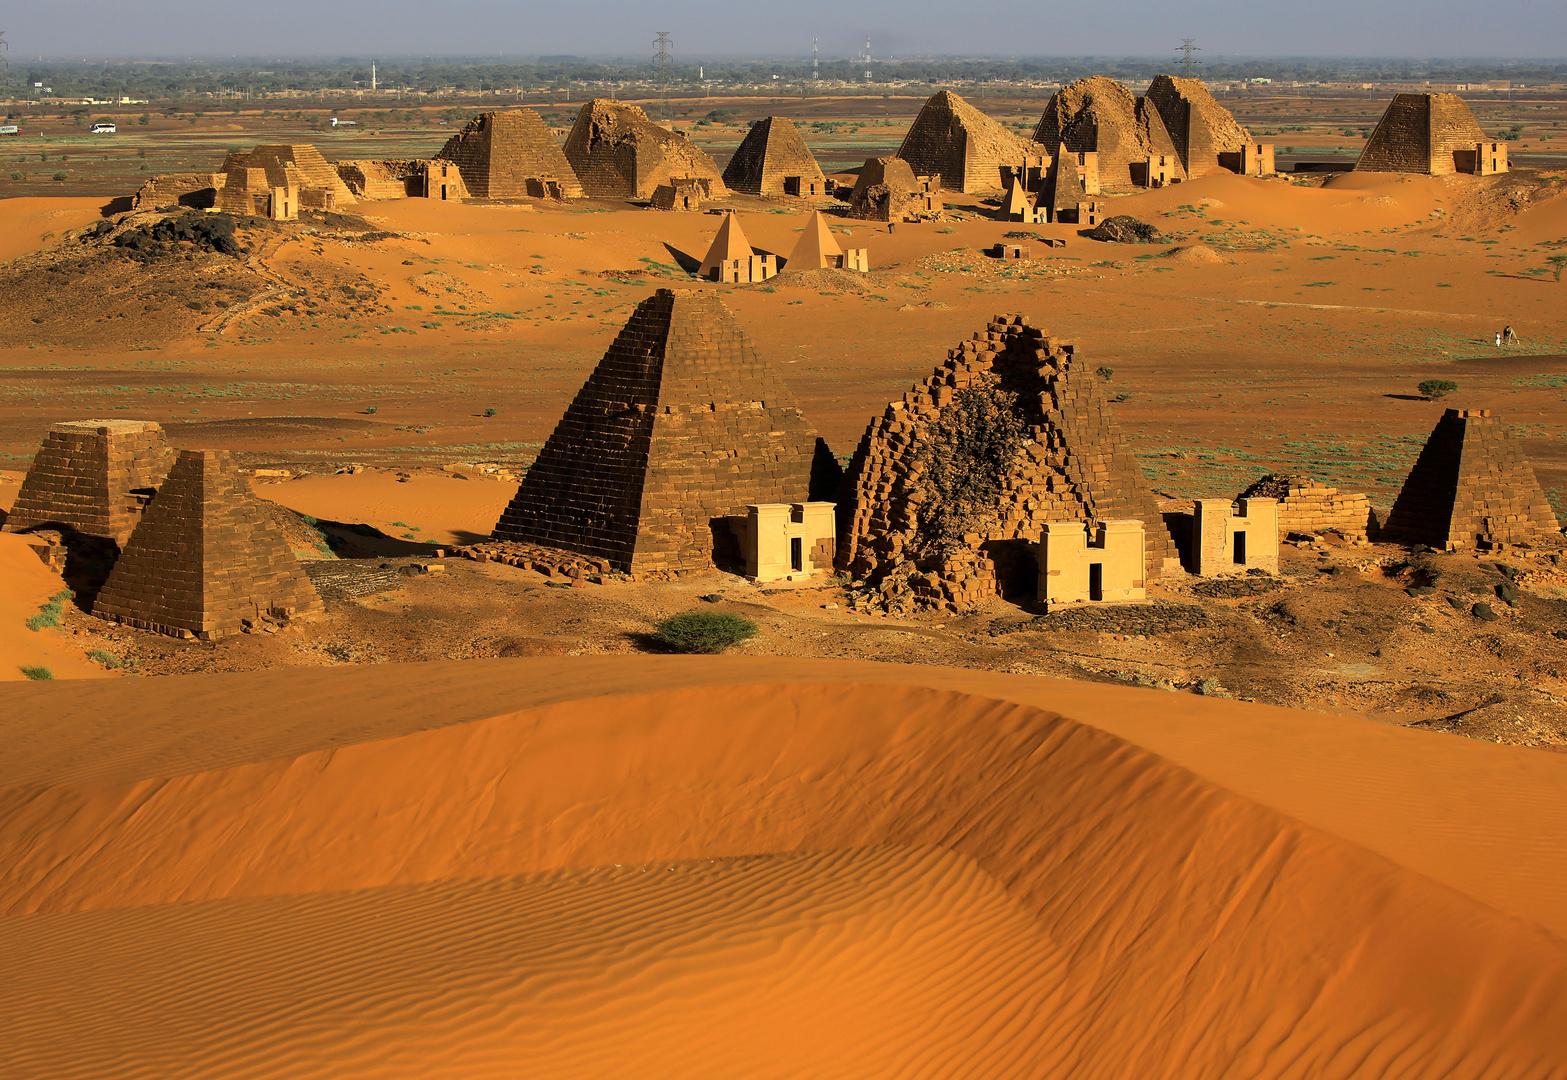 المقابر الملكية في أهرامات مروي في البجراوية في السودان